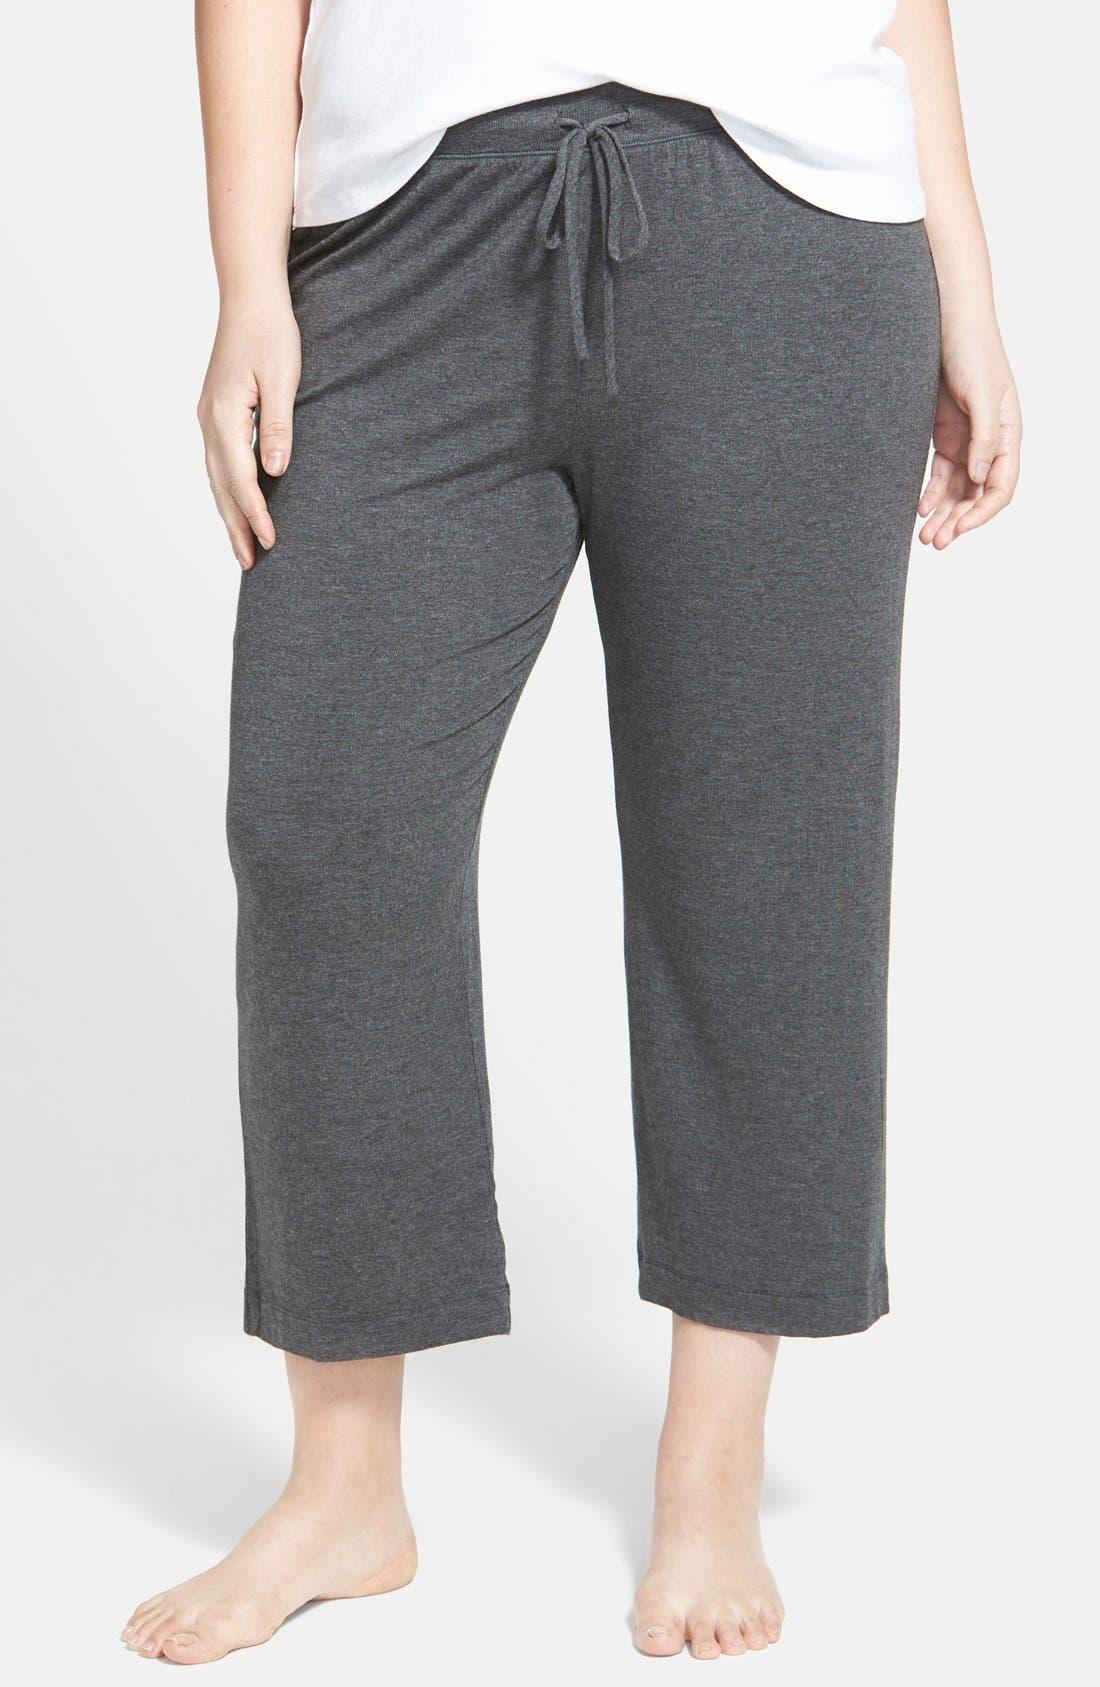 DKNY 'Urban Essentials' Capri Pants